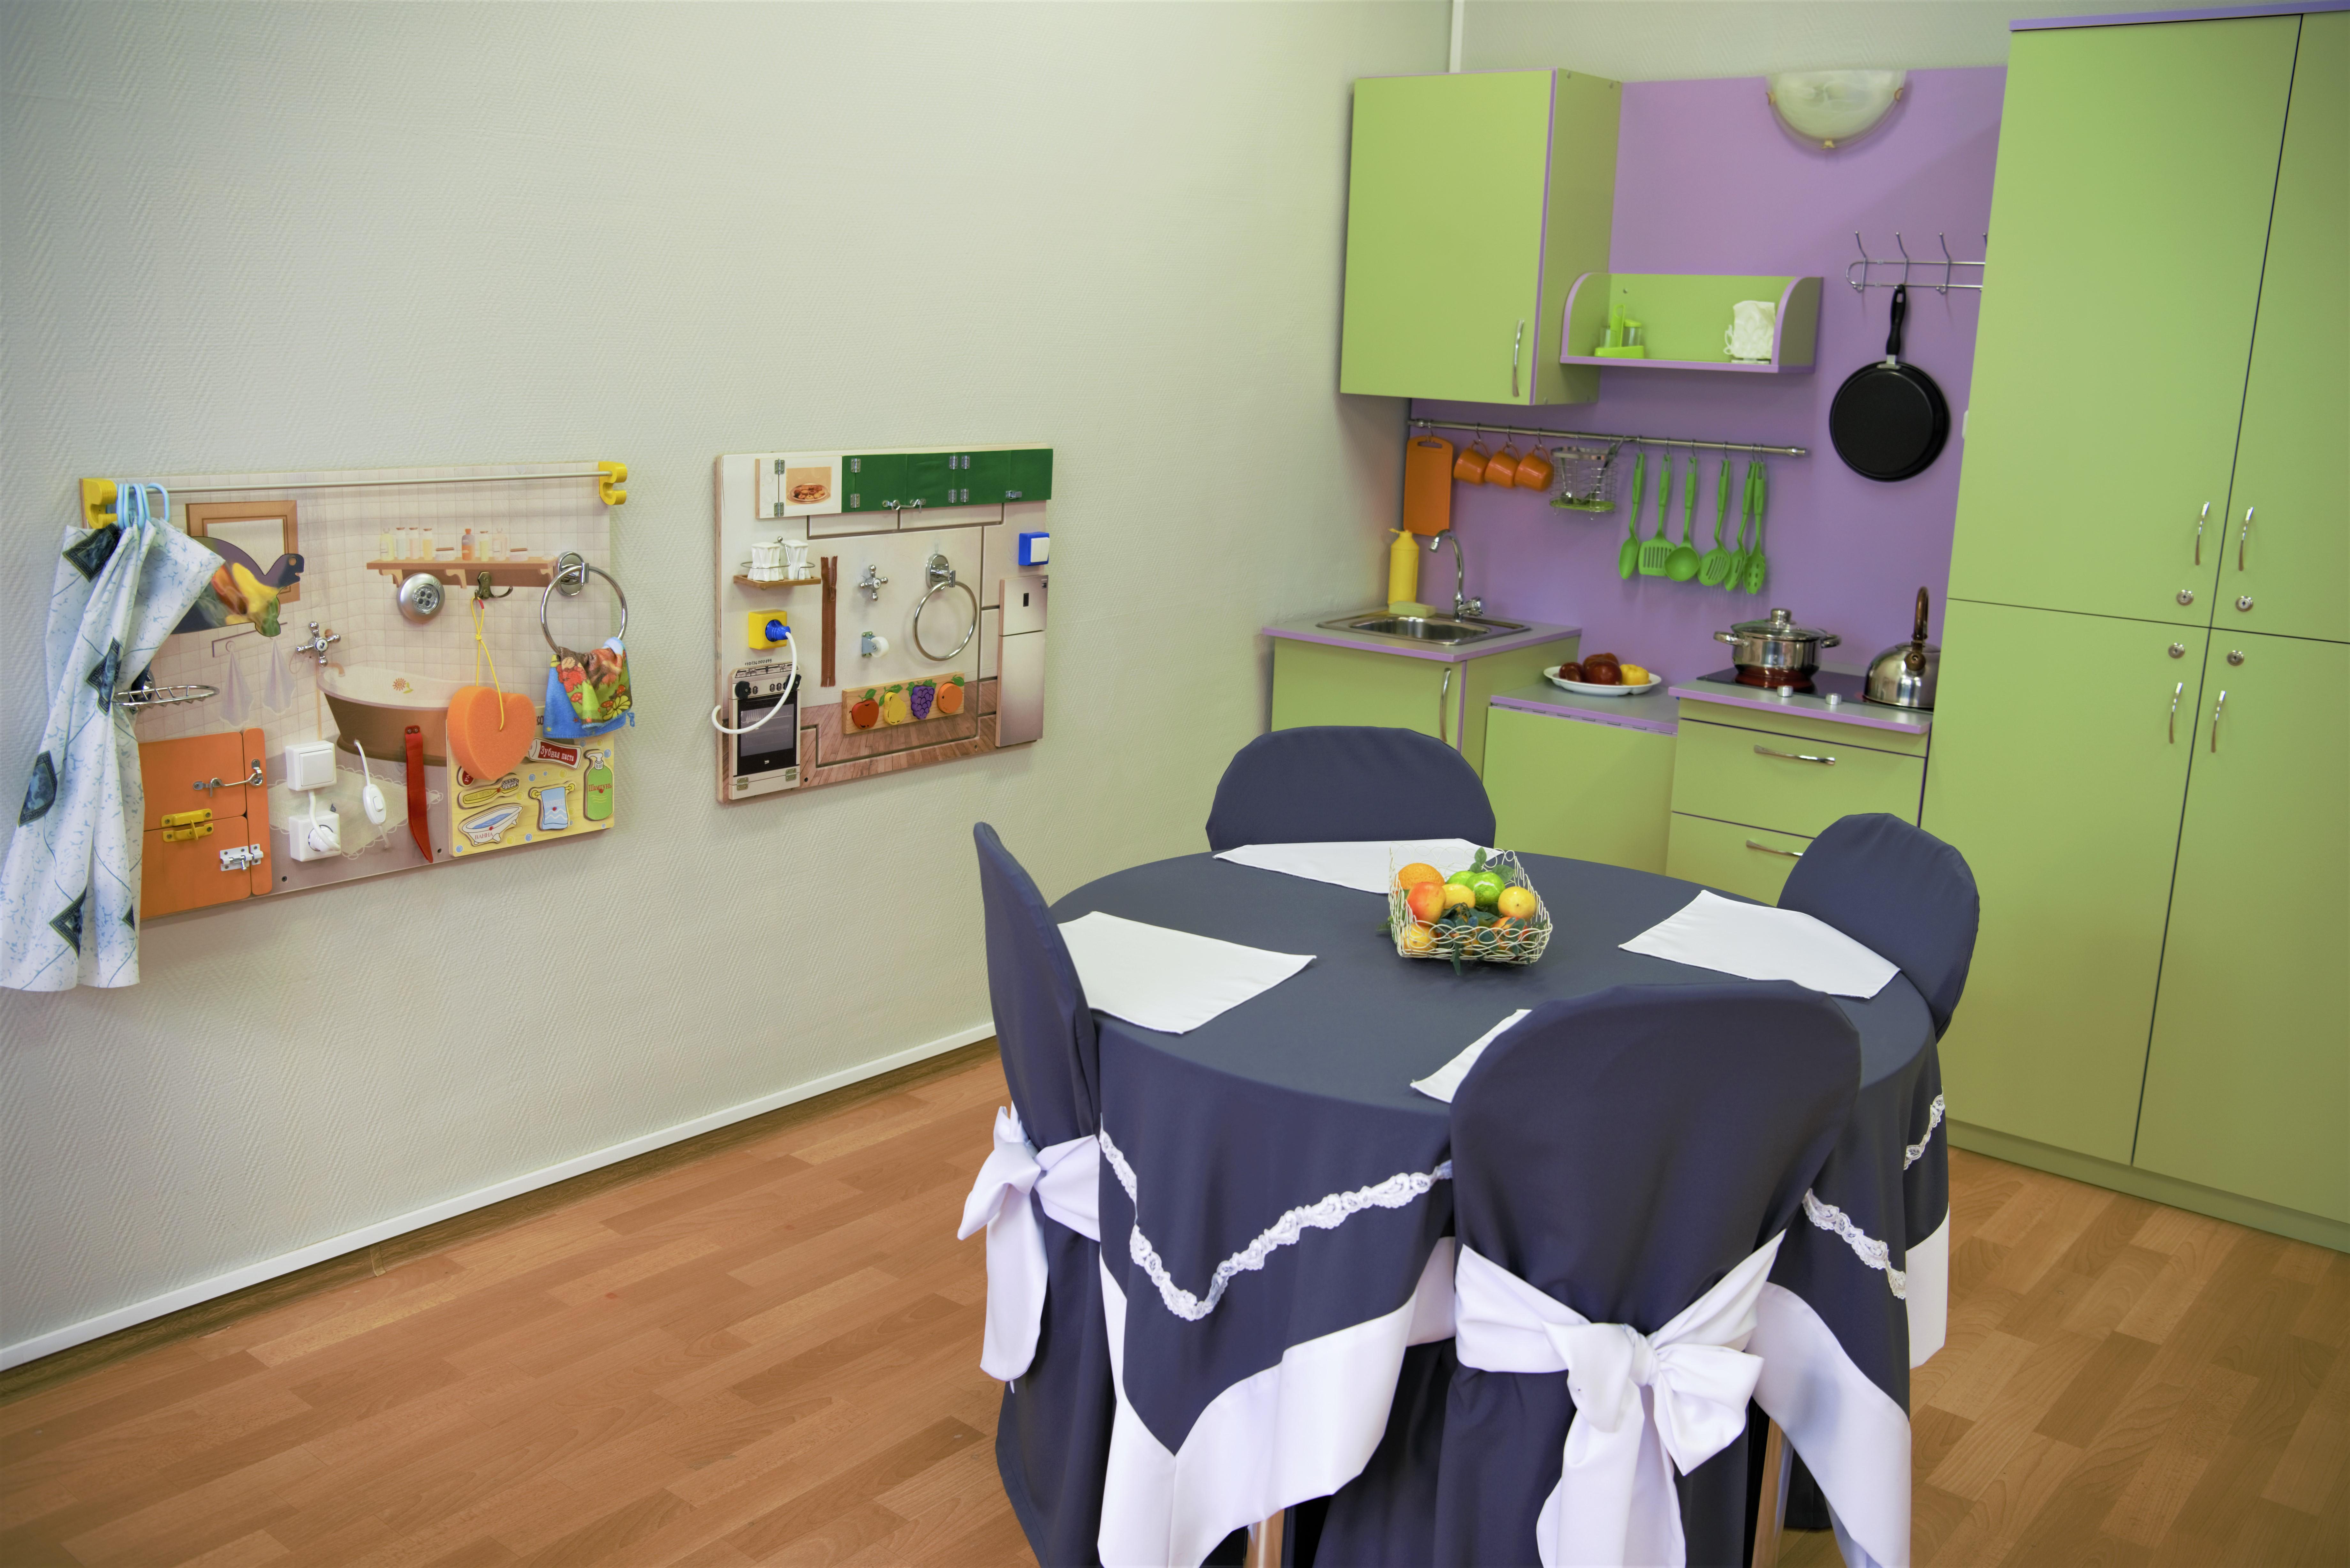 Бизиборды и игровой-обучающий модуль Кухня